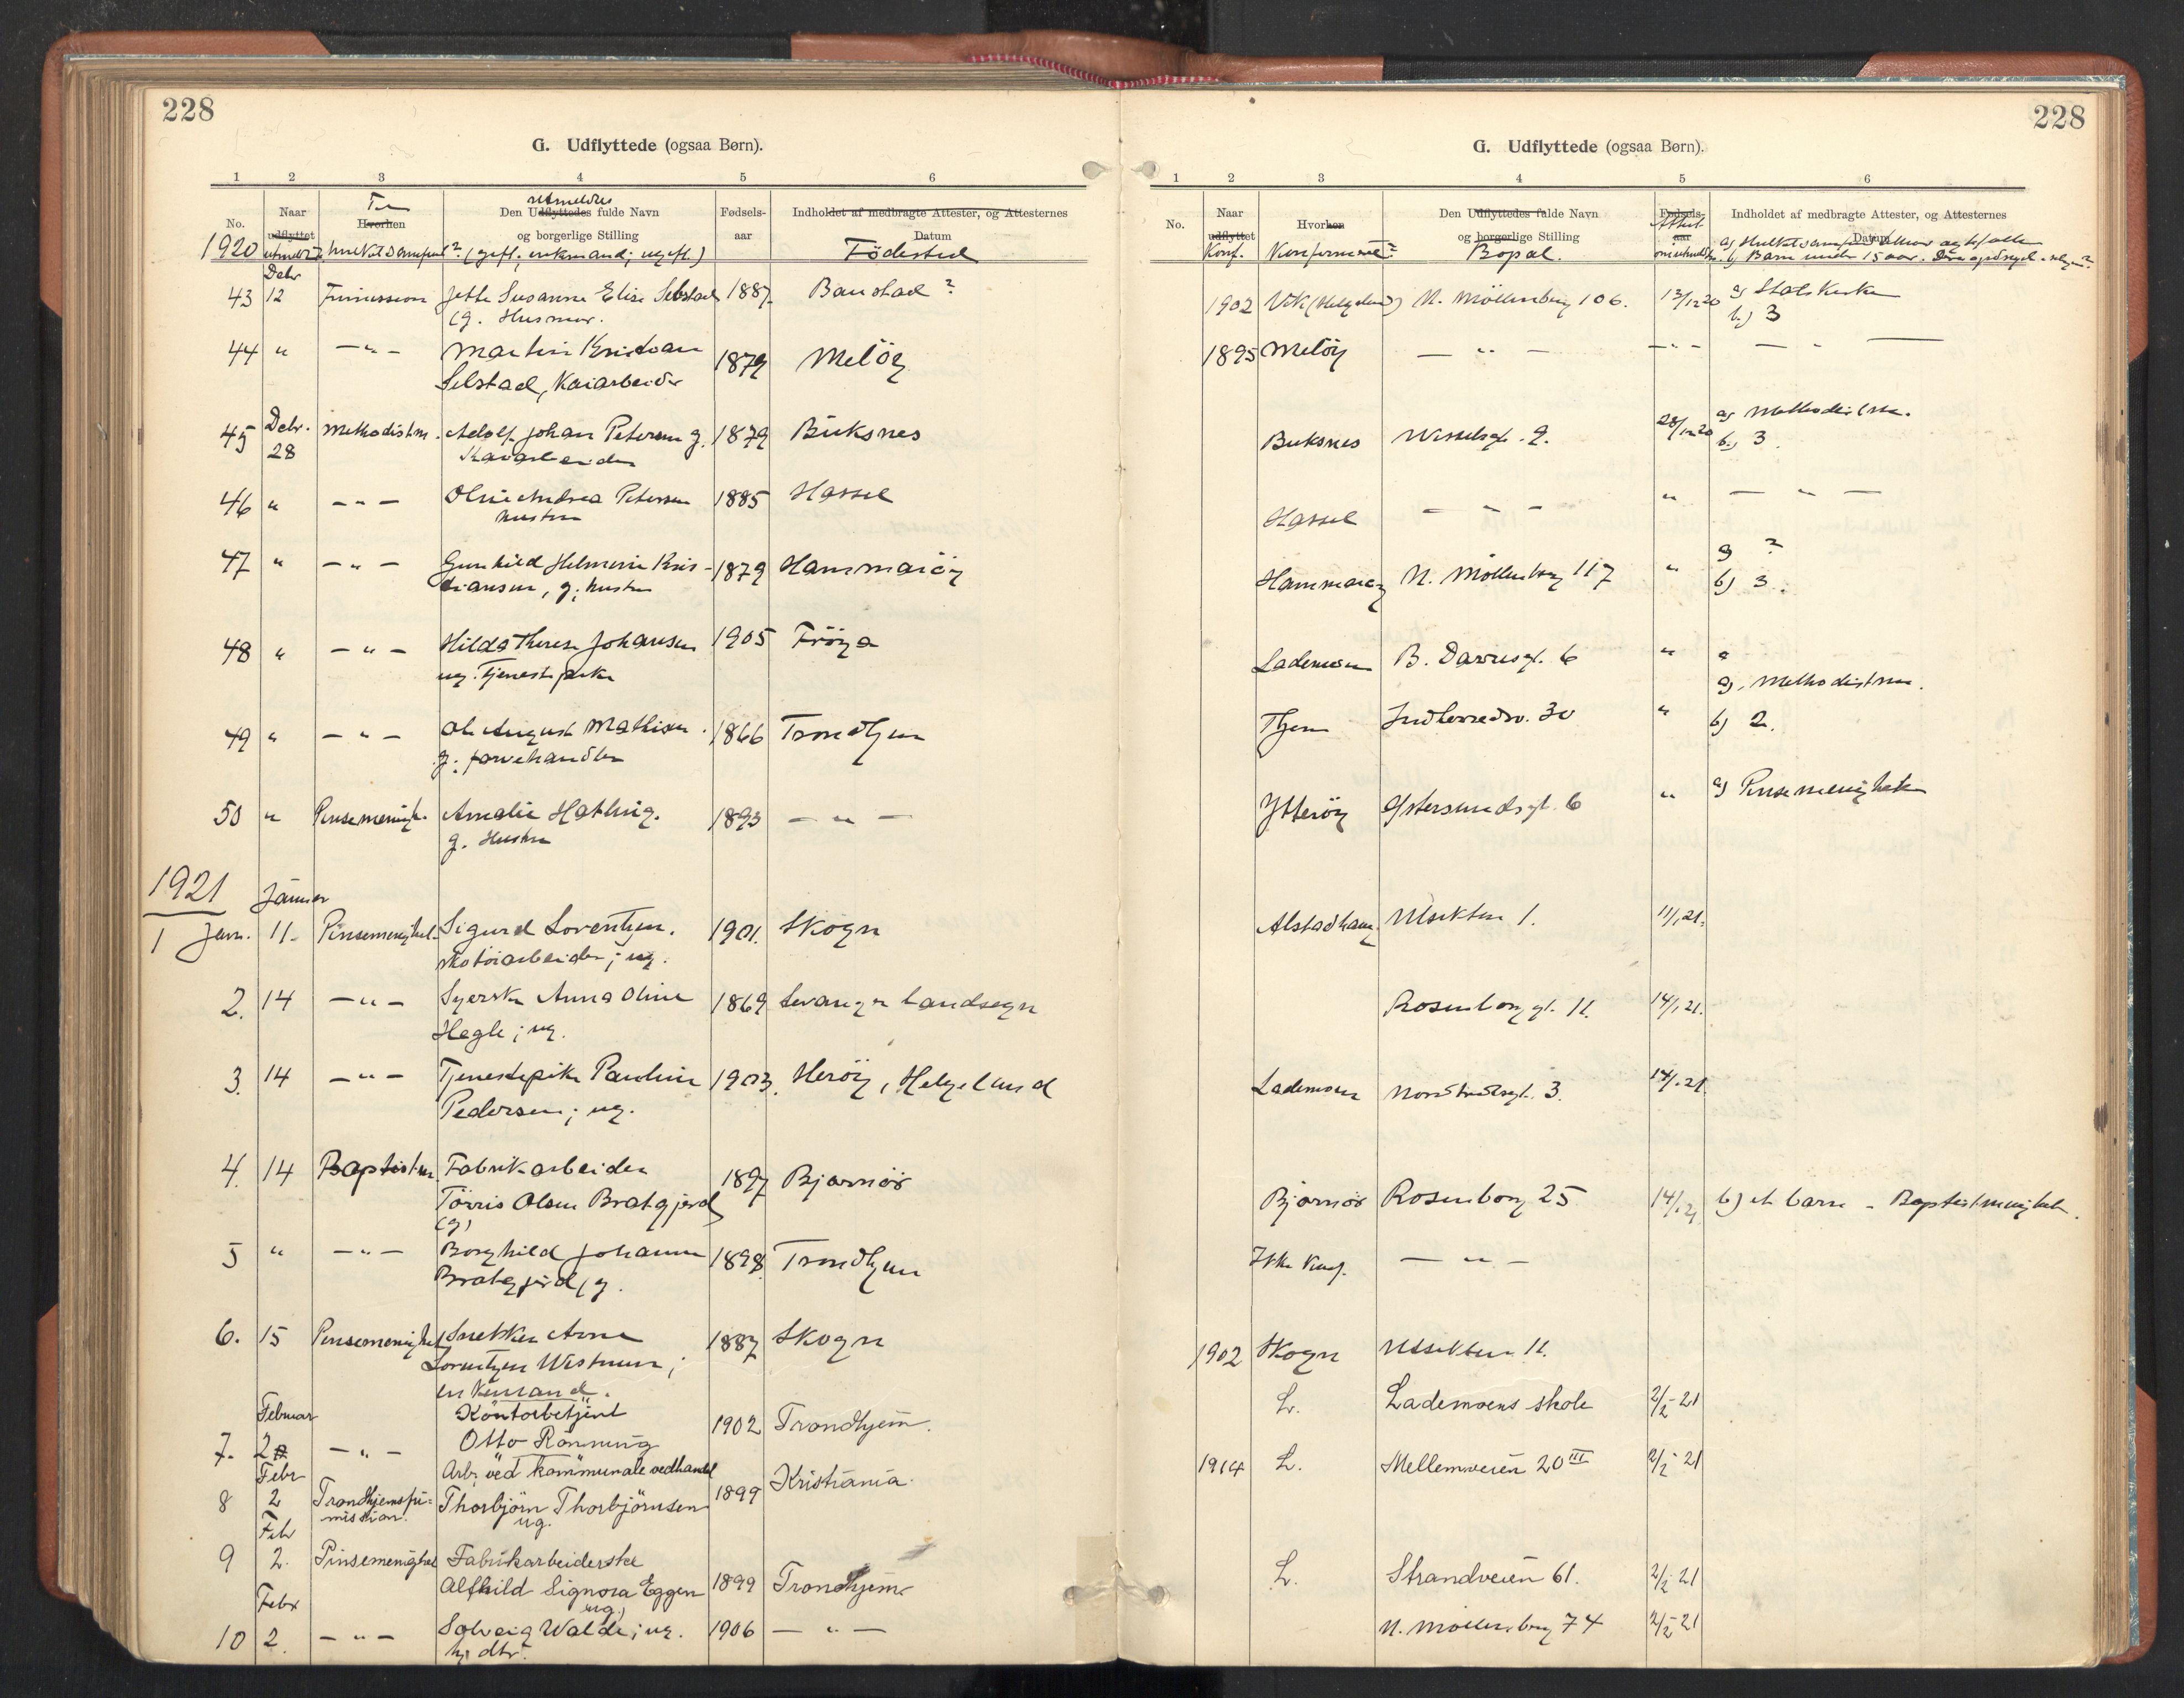 SAT, Ministerialprotokoller, klokkerbøker og fødselsregistre - Sør-Trøndelag, 605/L0244: Ministerialbok nr. 605A06, 1908-1954, s. 228